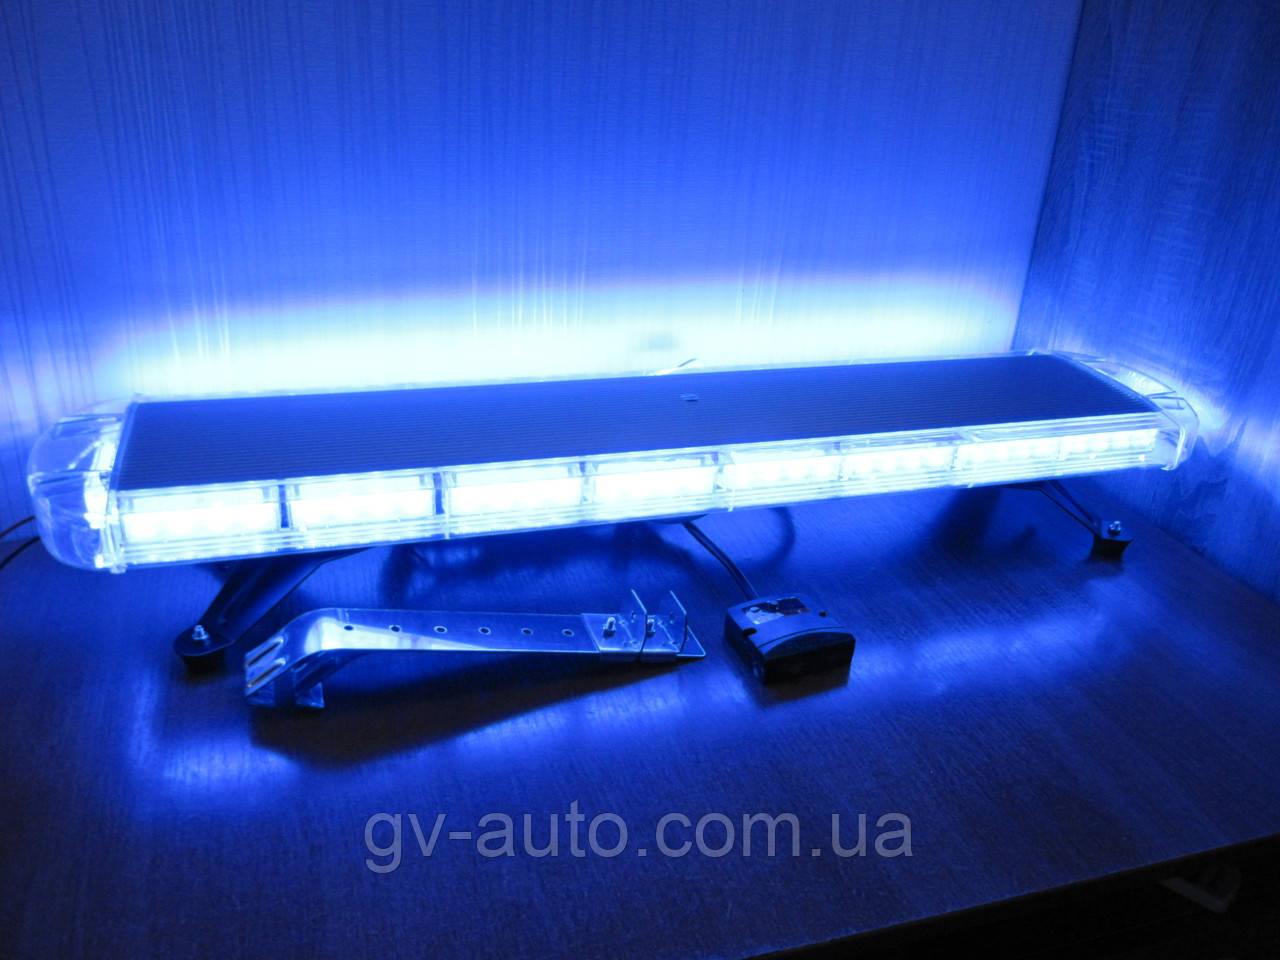 Световая панель LED64-86см. синего цвета. https://gv-auto.com.ua, фото 1